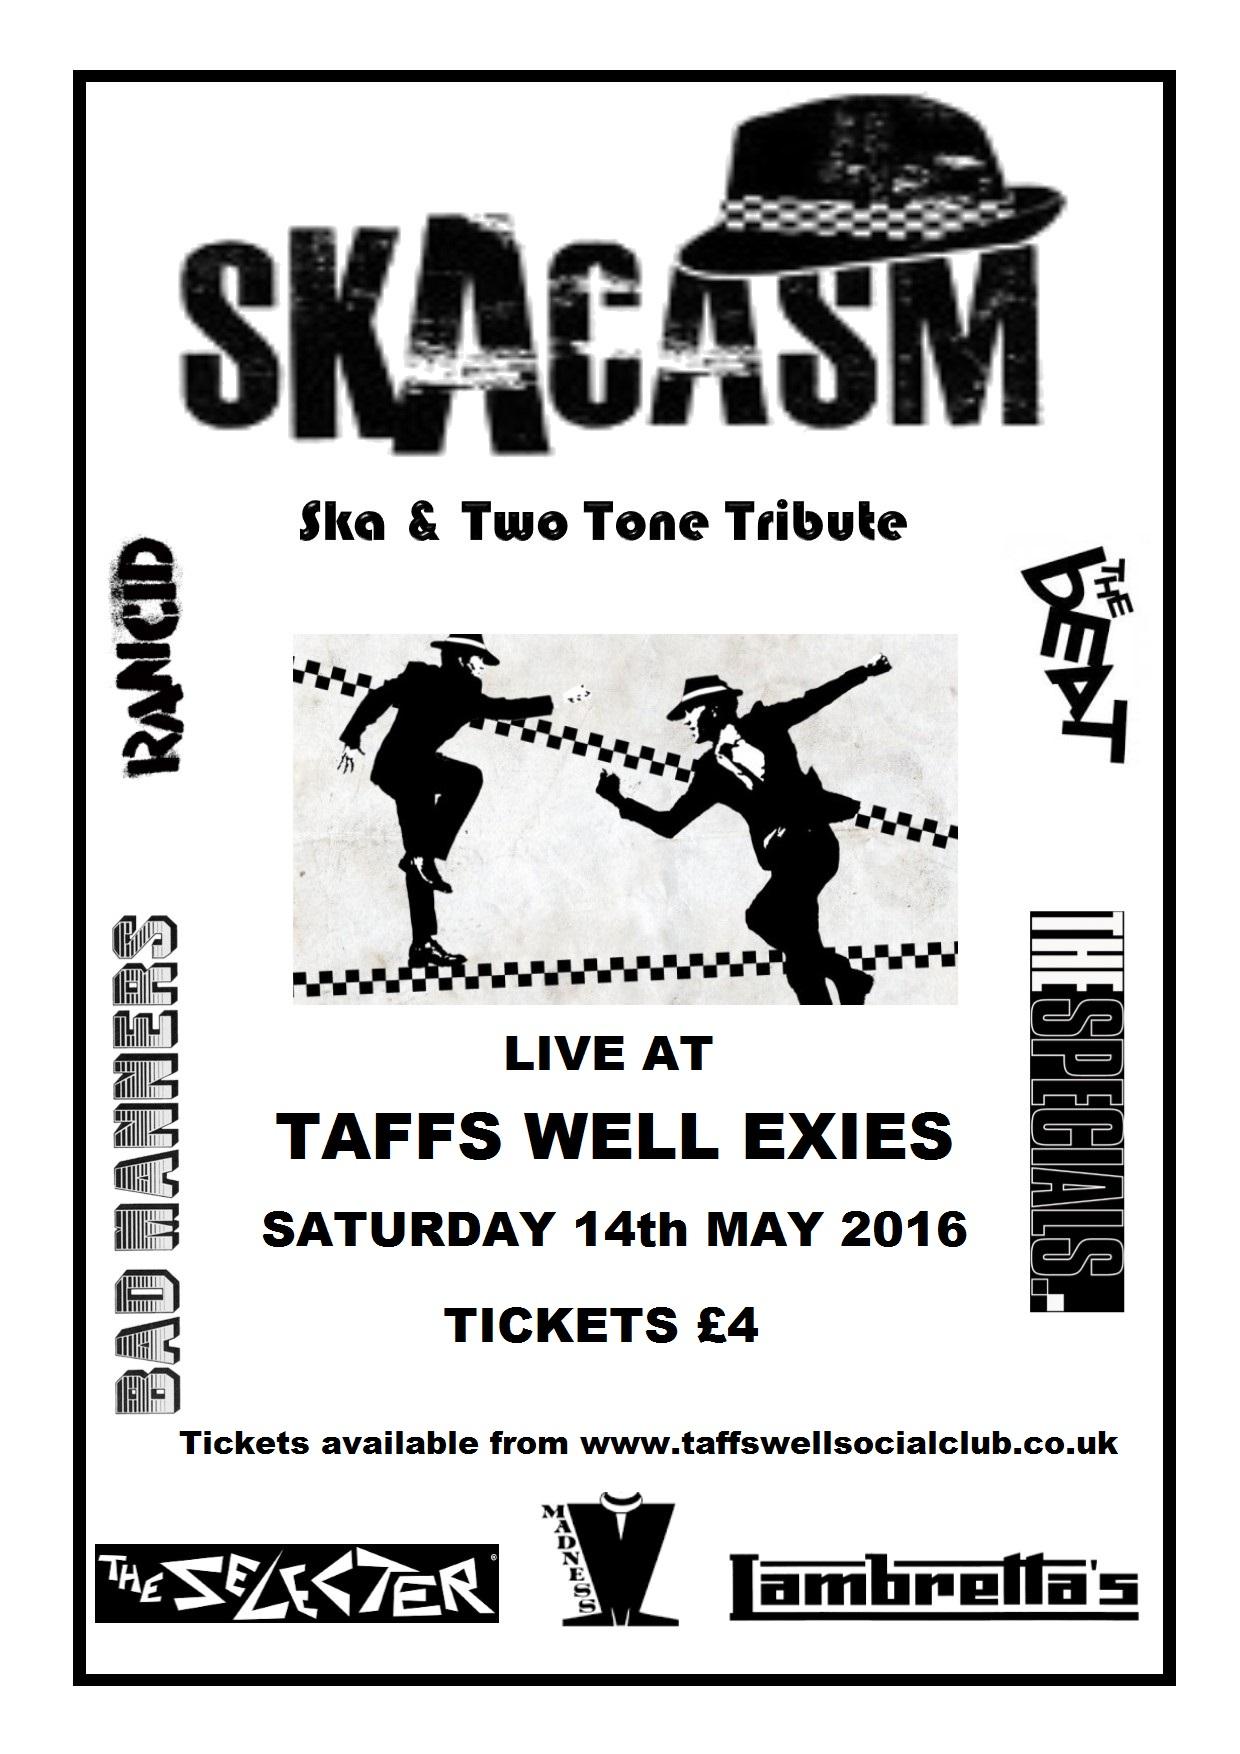 SKACASM-TAFFS WELL EXIES-14/05/2016